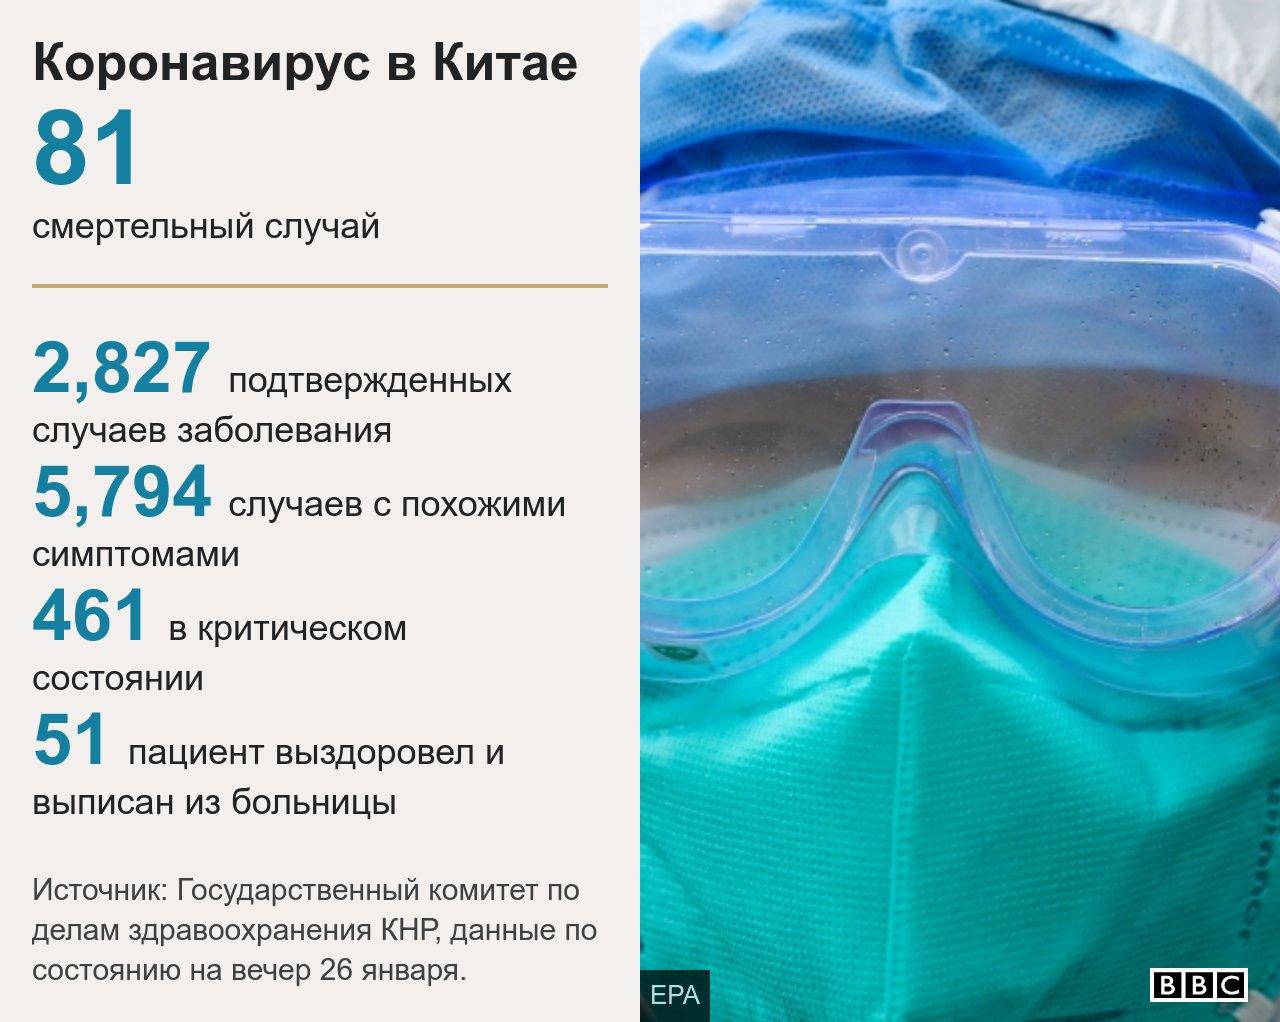 На Украине разъяснили ситуацию с обнаружением коронавируса в Киеве (спойлер - без паники!)